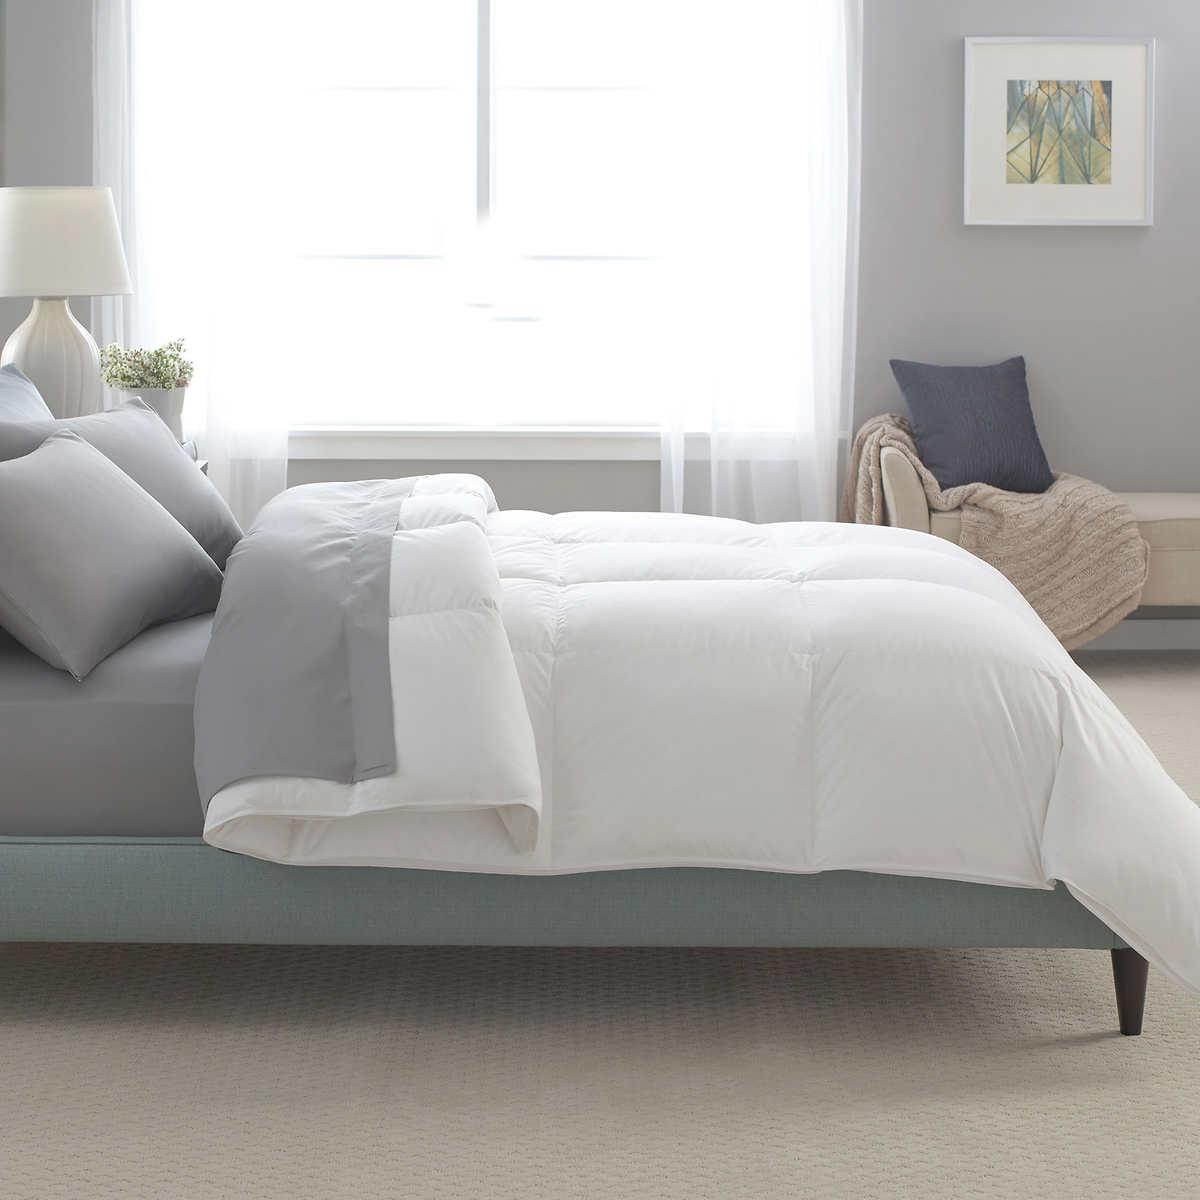 comforters | costco